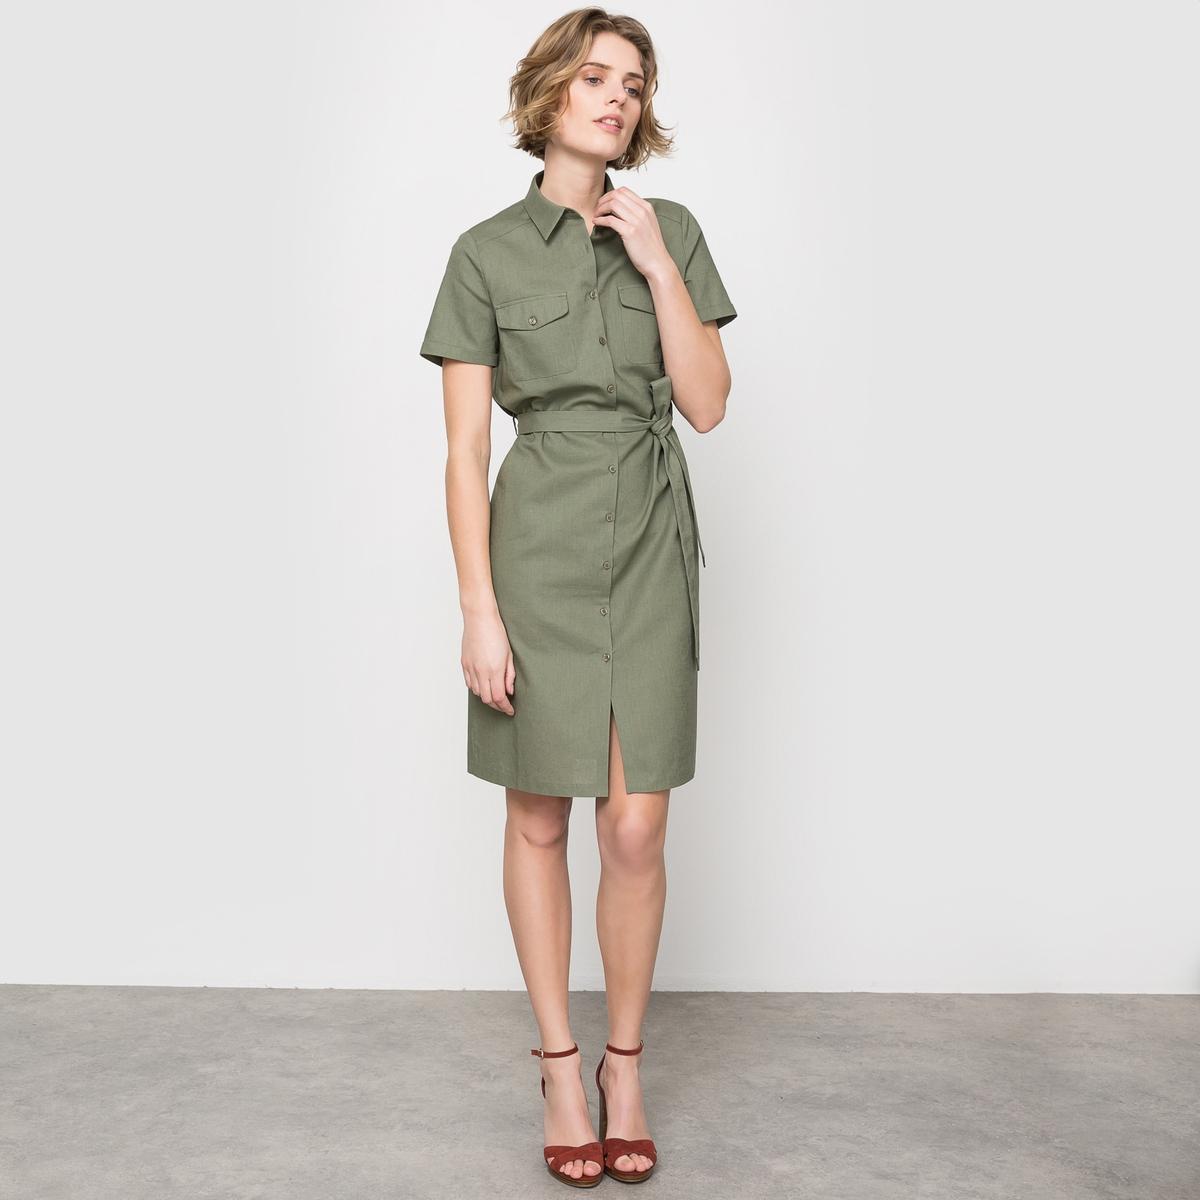 Платье в стиле сафари изо льна и хлопкаСостав и описание:Материал : 55% льна, 45% хлопкаДлина : 95 см.Уход:Машинная стирка при 30 °C с изнаночной стороныГладить с изнаночной стороныМашинная сушка запрещена<br><br>Цвет: зеленый хаки<br>Размер: 40 (FR) - 46 (RUS)